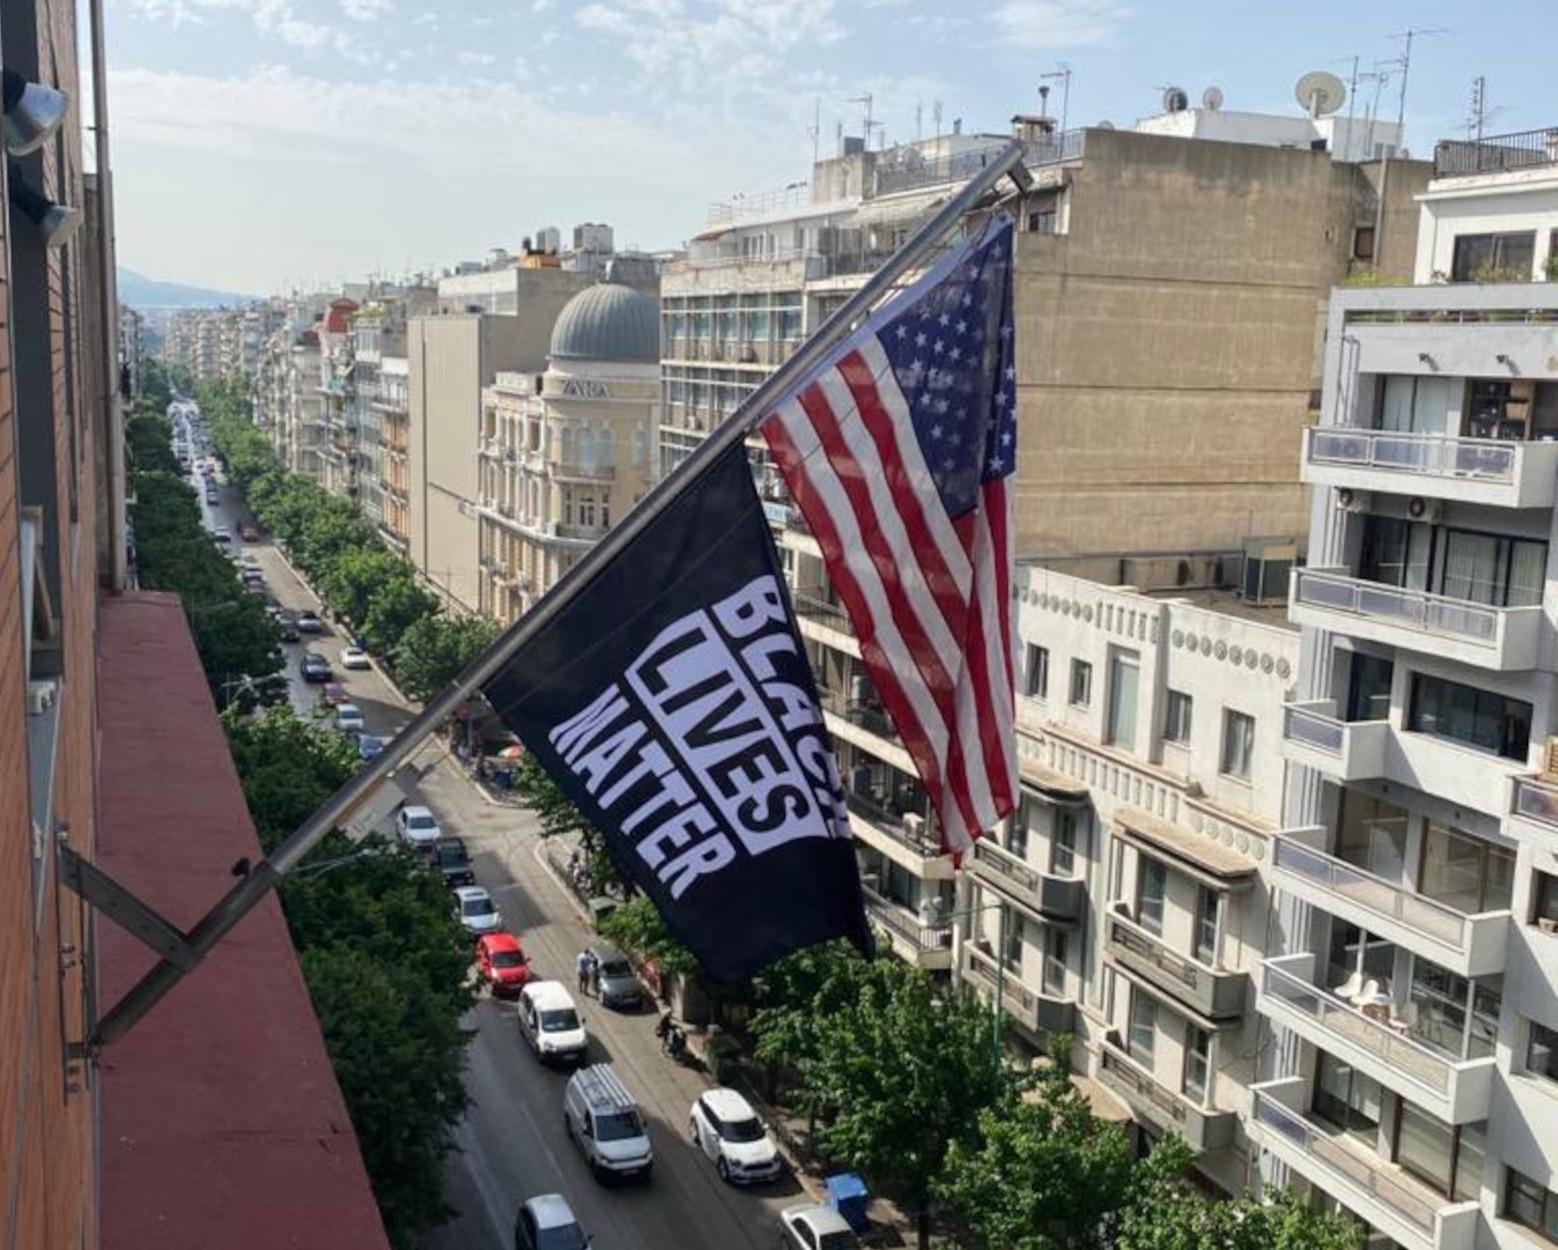 Πανό «Black Lives Matter» στην πρεσβεία των ΗΠΑ στην Αθήνα, σημαία στην Θεσσαλονίκη (pics, video)